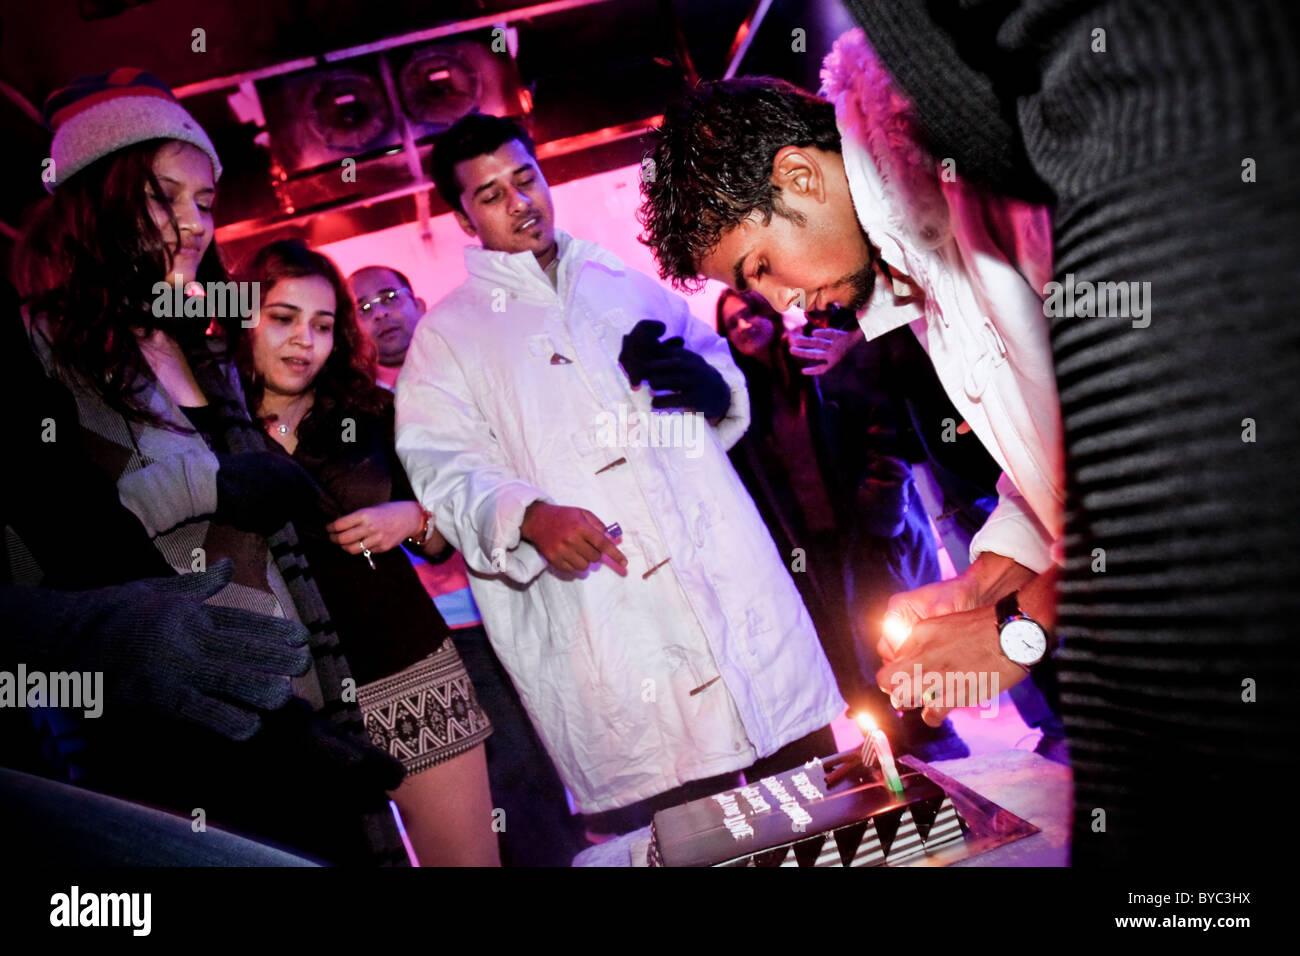 A Bartender Cuts A Birthday Cake At The Nightclub 21 Fahrenheit